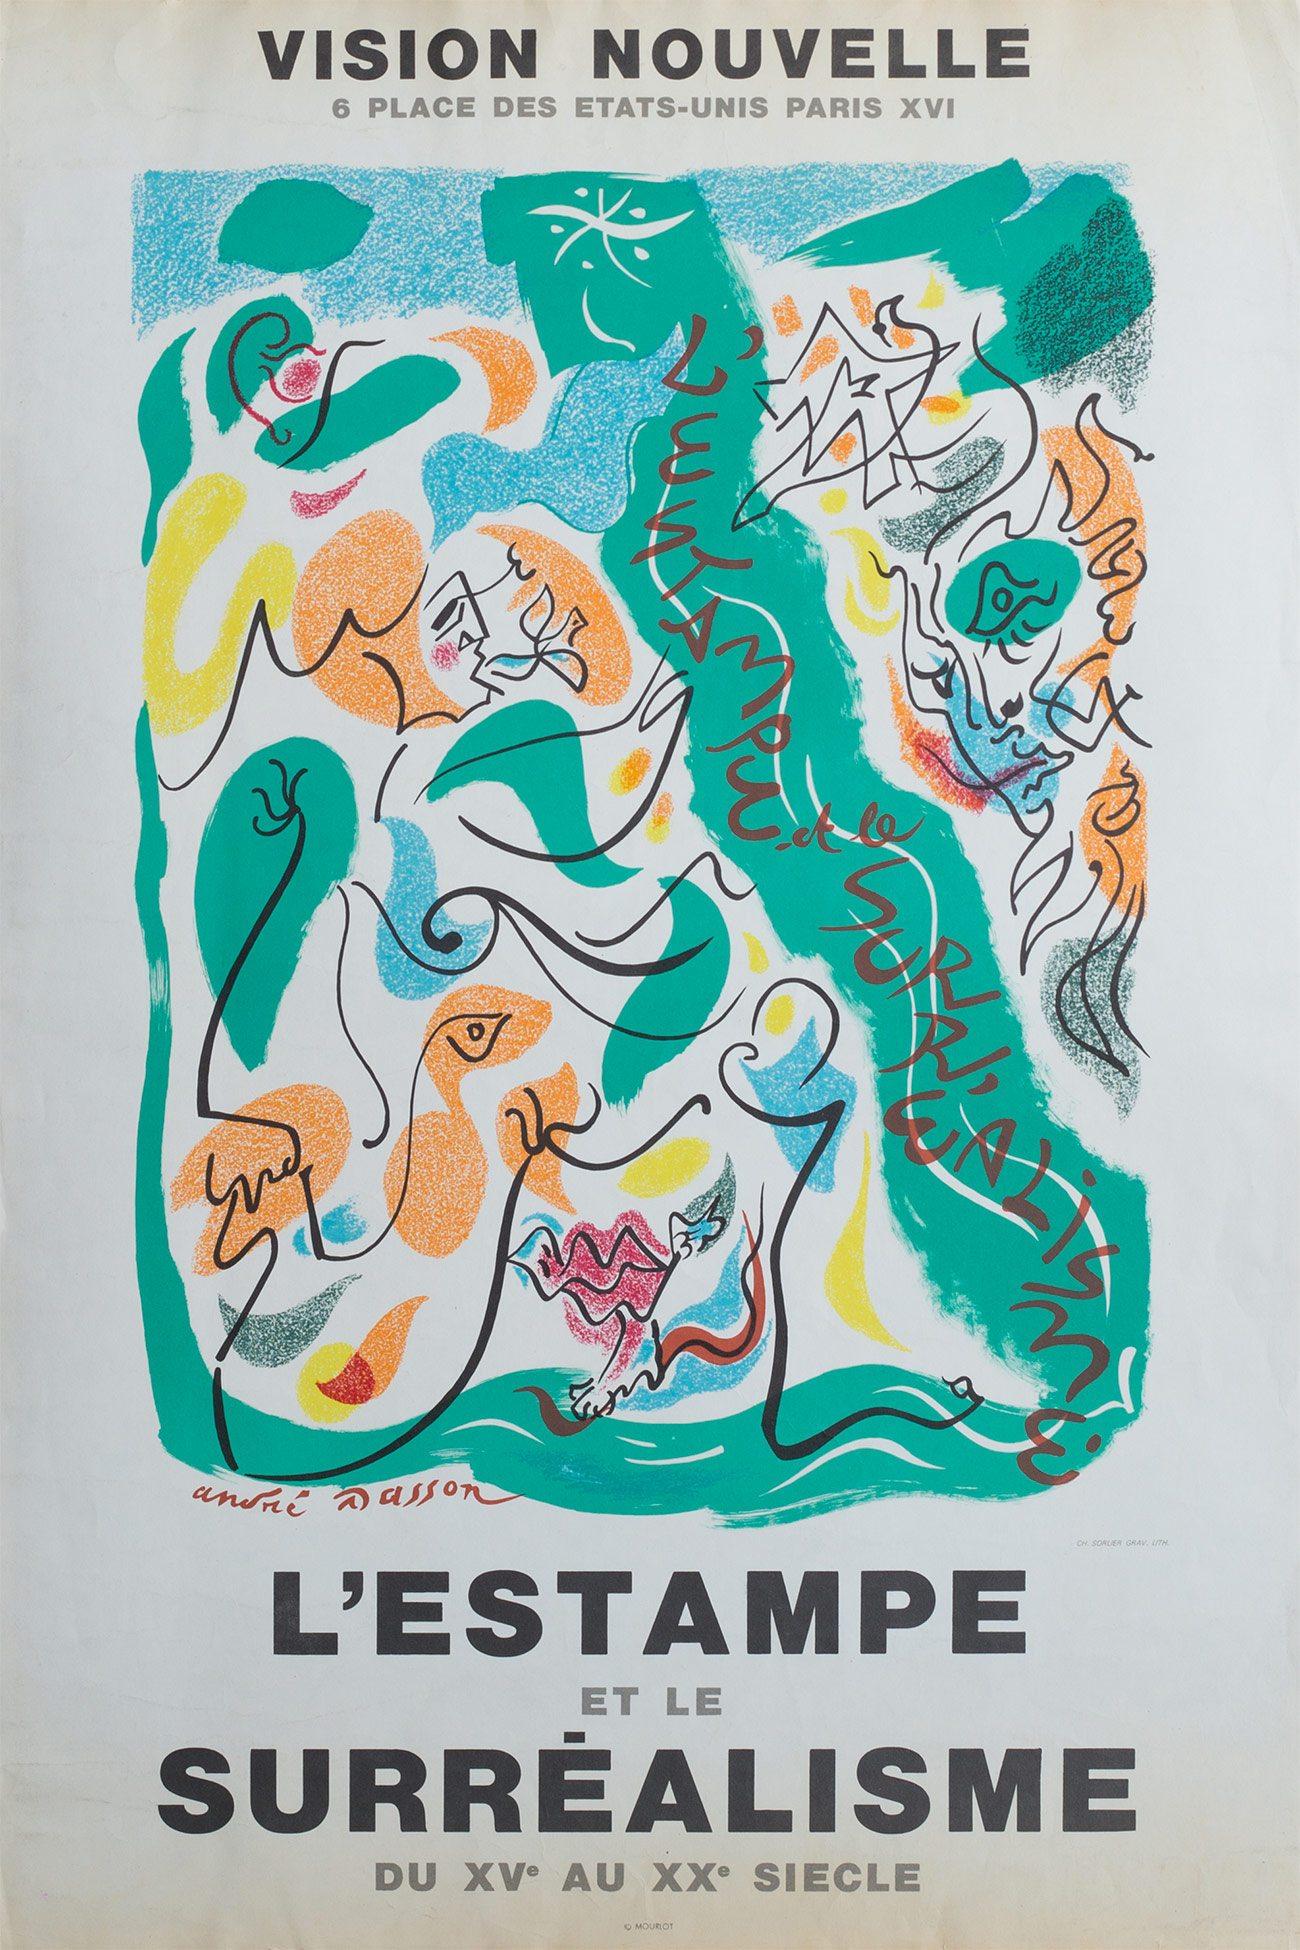 """Exposition""""L'estampe et le surréalisme"""", galerie Vision Nouvelle, 1972. Archives Le Yaouanc. Photo: Luc Delaborde"""